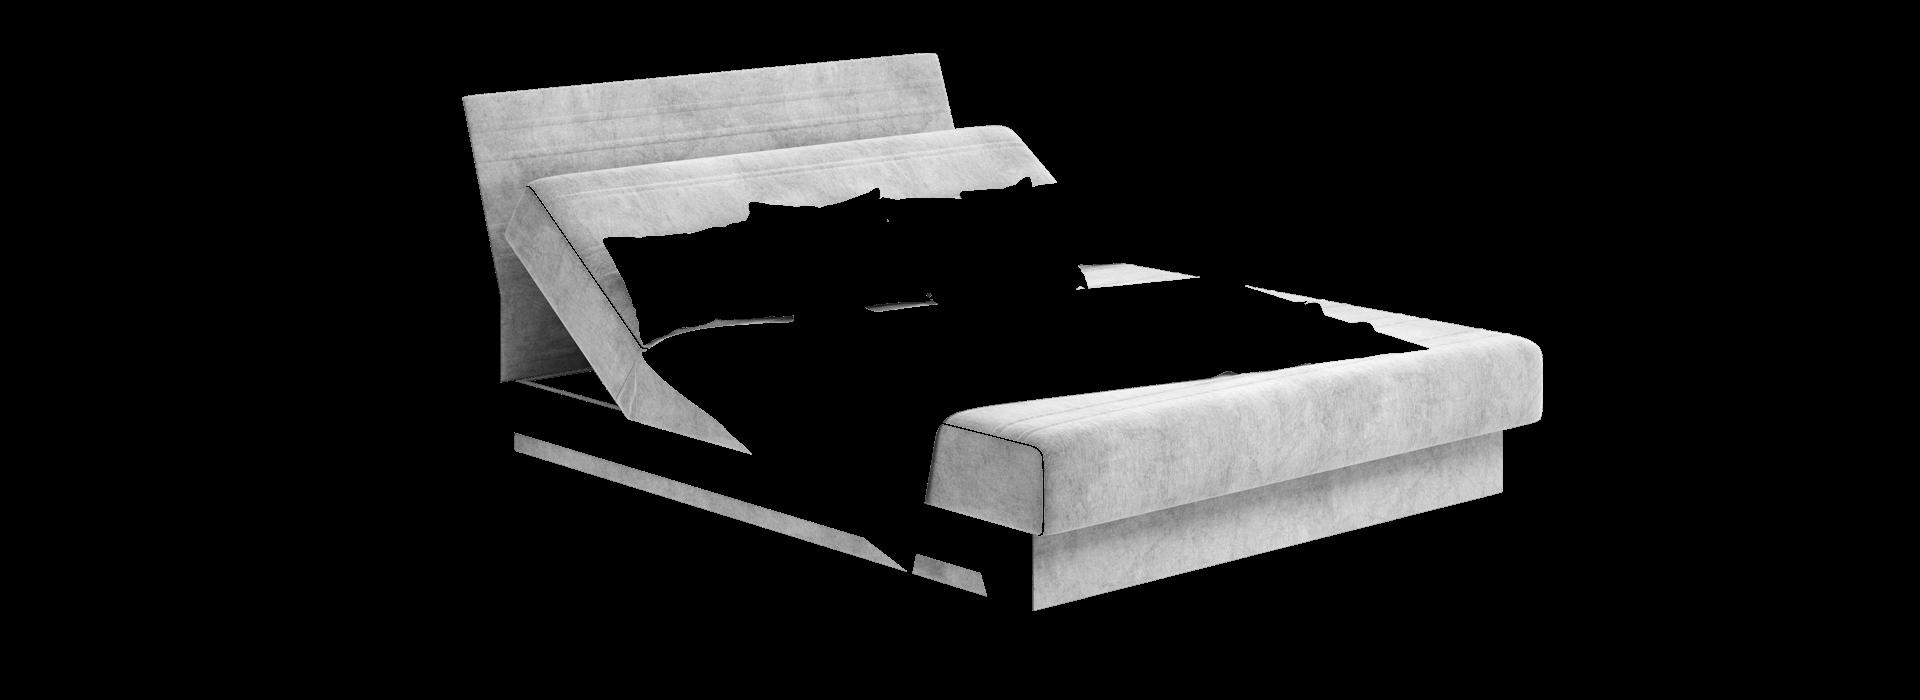 Амира 1.6 МП кровать с 2-мя подъемниками - маска 2